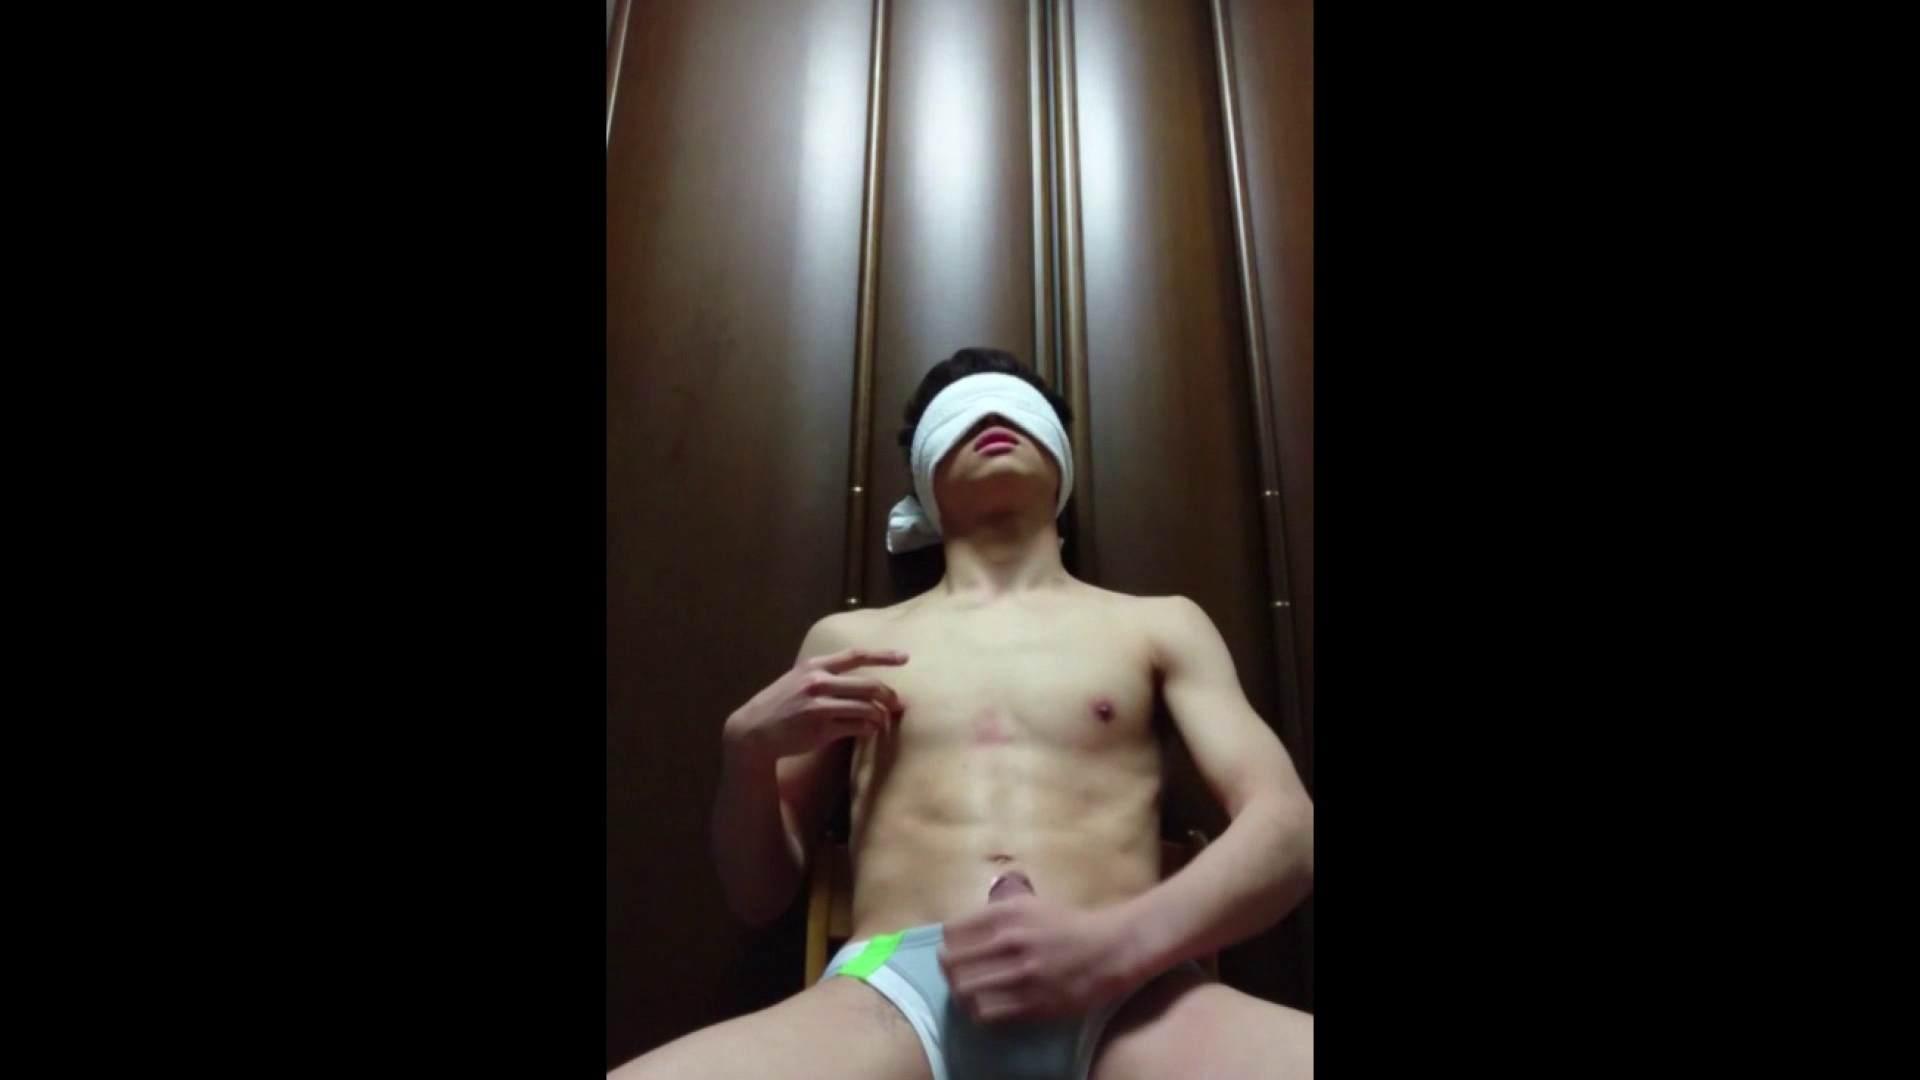 個人撮影 自慰の極意 Vol.21 オナニー  59pic 6